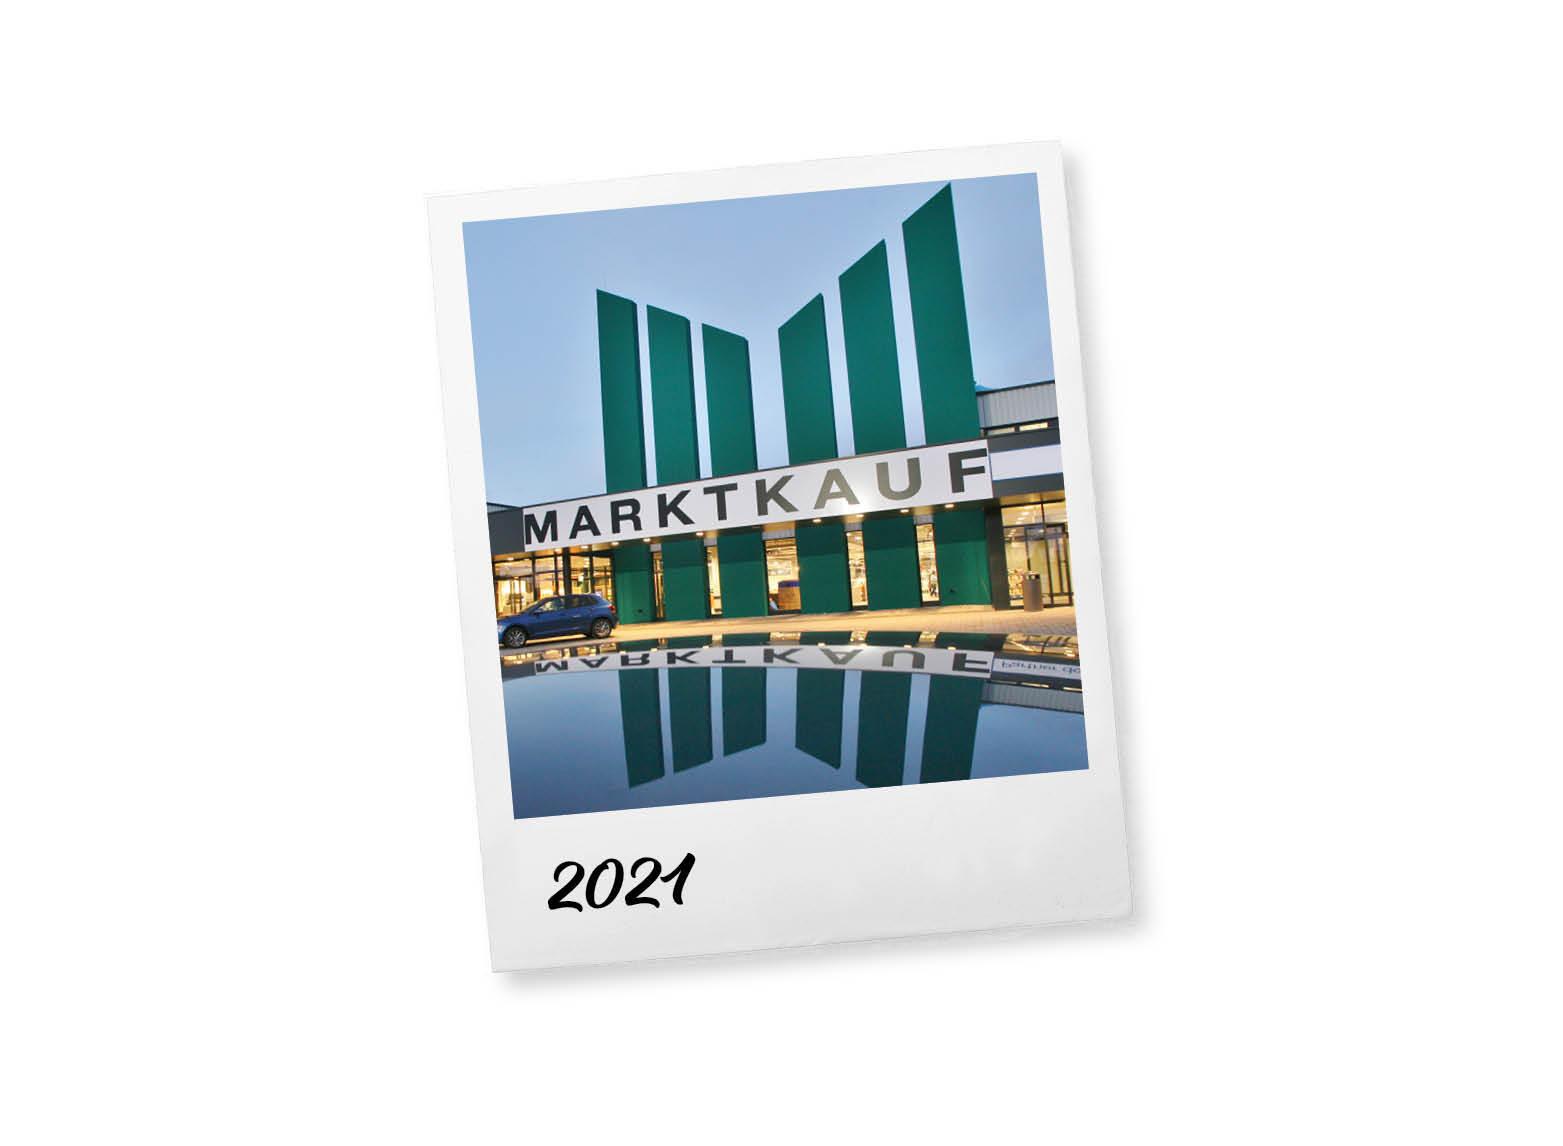 Die Tochter der EDEKA Nordbayern-Sachsen-Thüringen betreibt 14 Märkte der Vertriebsschiene Marktkauf. Die Märkte werden regelmäßig modernisiert um unverändert Frische und Qualität in außergewöhnlicher Vielfalt anzubieten.